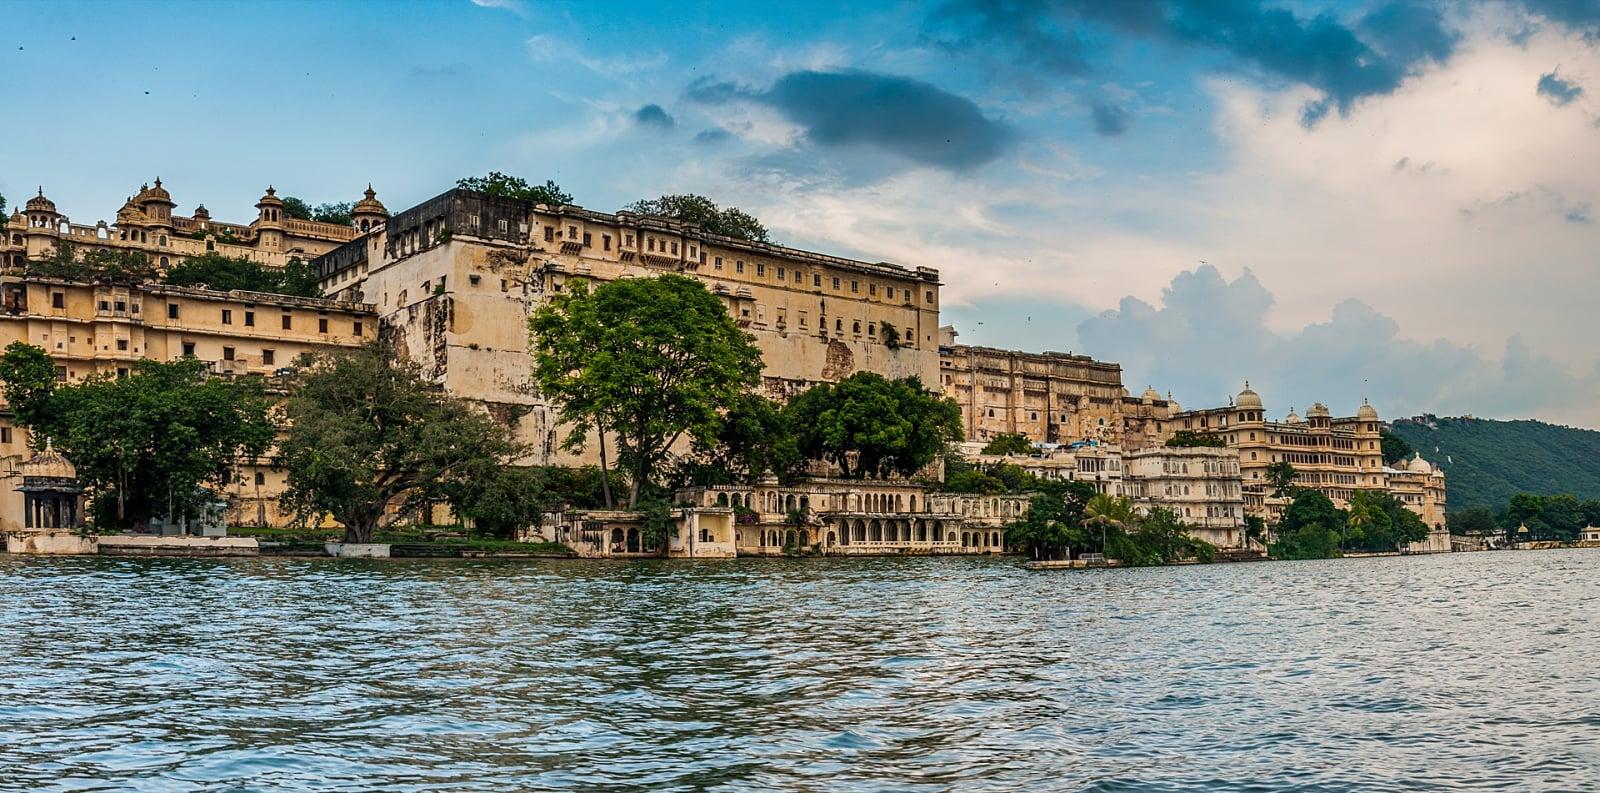 rajasthan-udaipur-